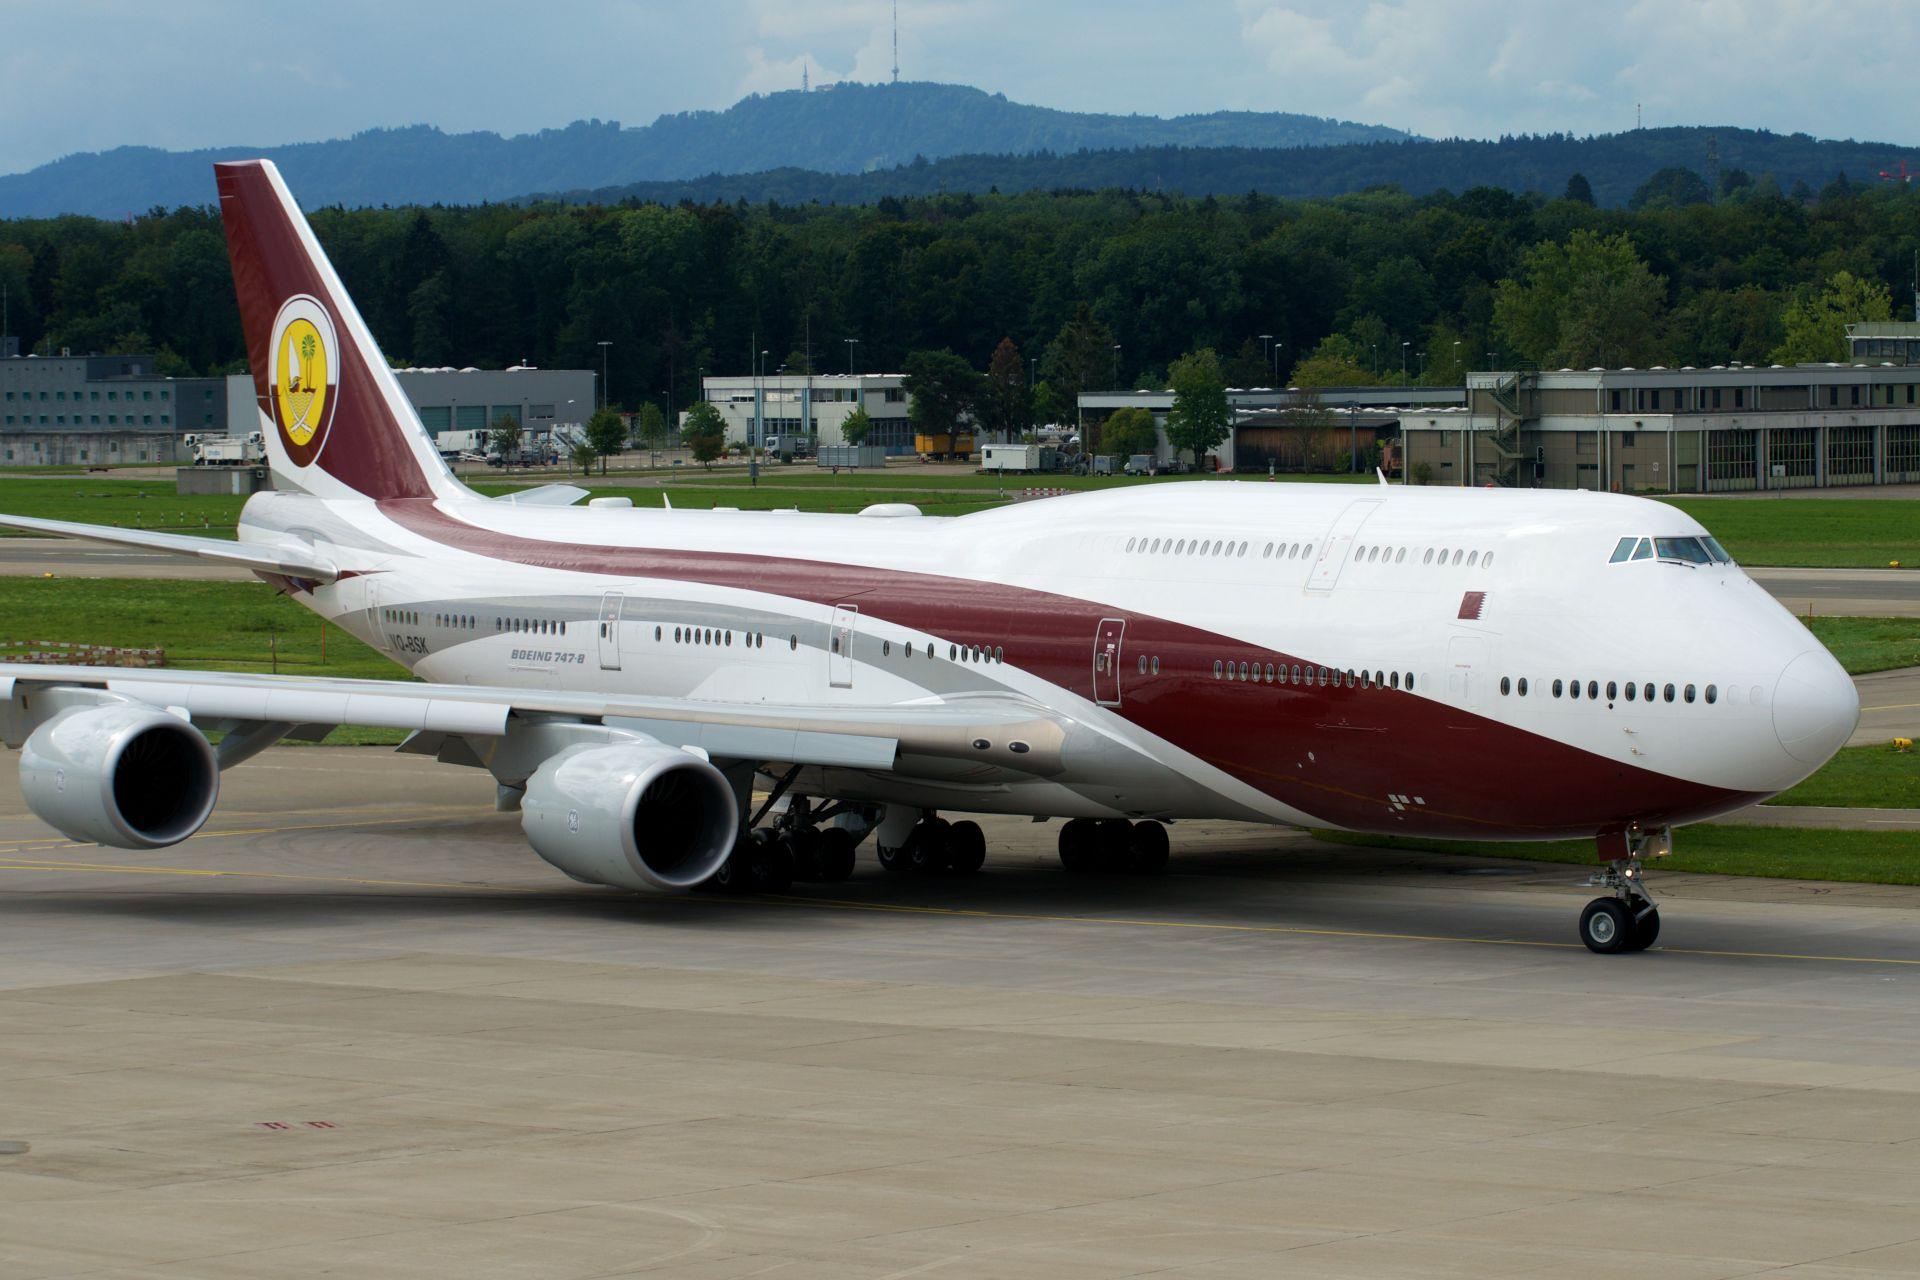 Boeing 747-8i v barvách katarské královské rodiny. Foto: BriYYZ (https://www.flickr.com/photos/bribri/20543418193/) [CC BY-SA 2.0 (https://creativecommons.org/licenses/by-sa/2.0)], via Wikimedia Commons